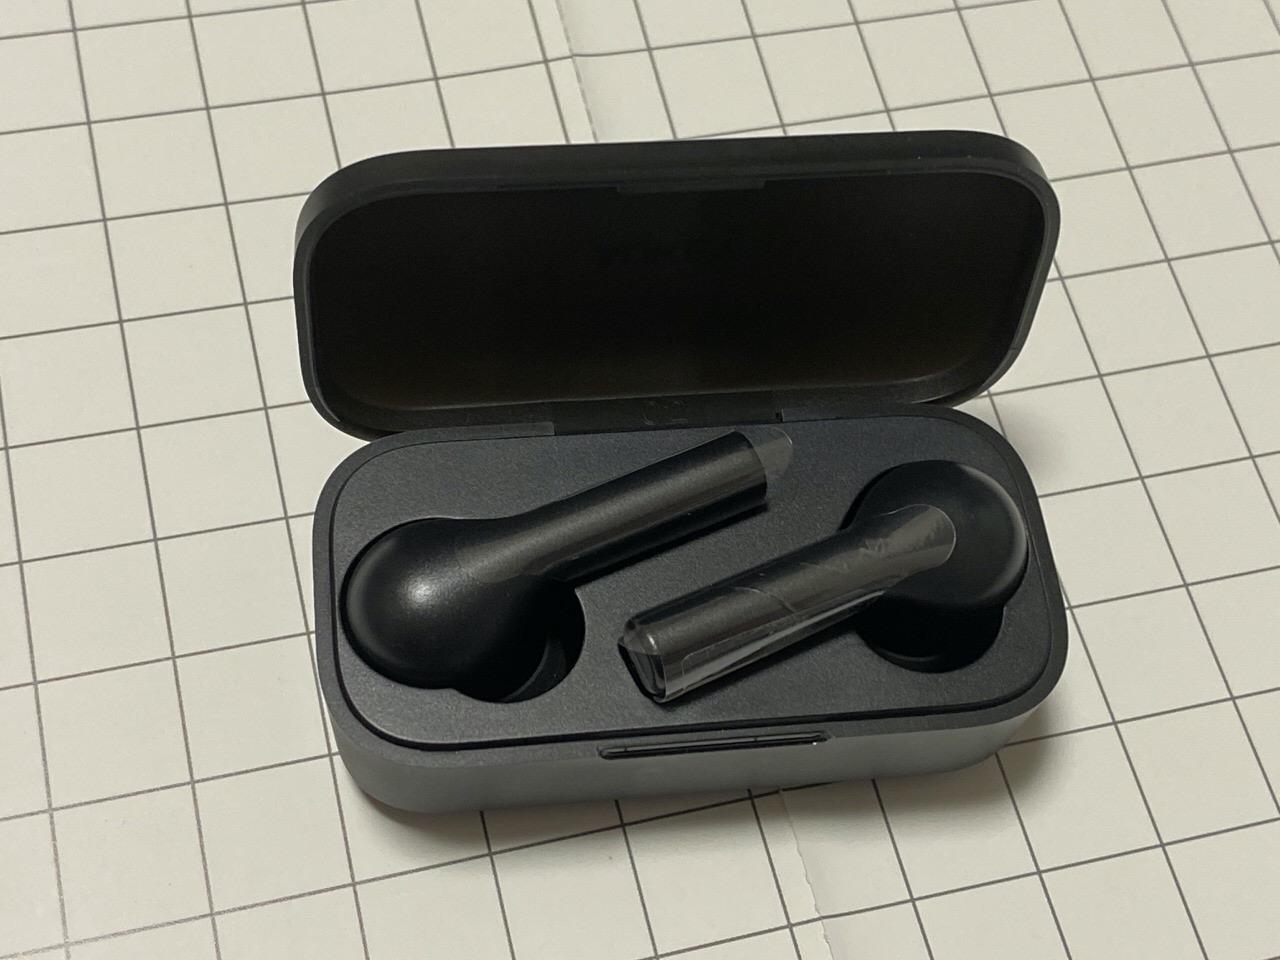 Amazonで30%オフのワイヤレスイヤホンが届いたので試してみた!取り出し即ペアリングはやはり良いしコスパ最高じゃないかな